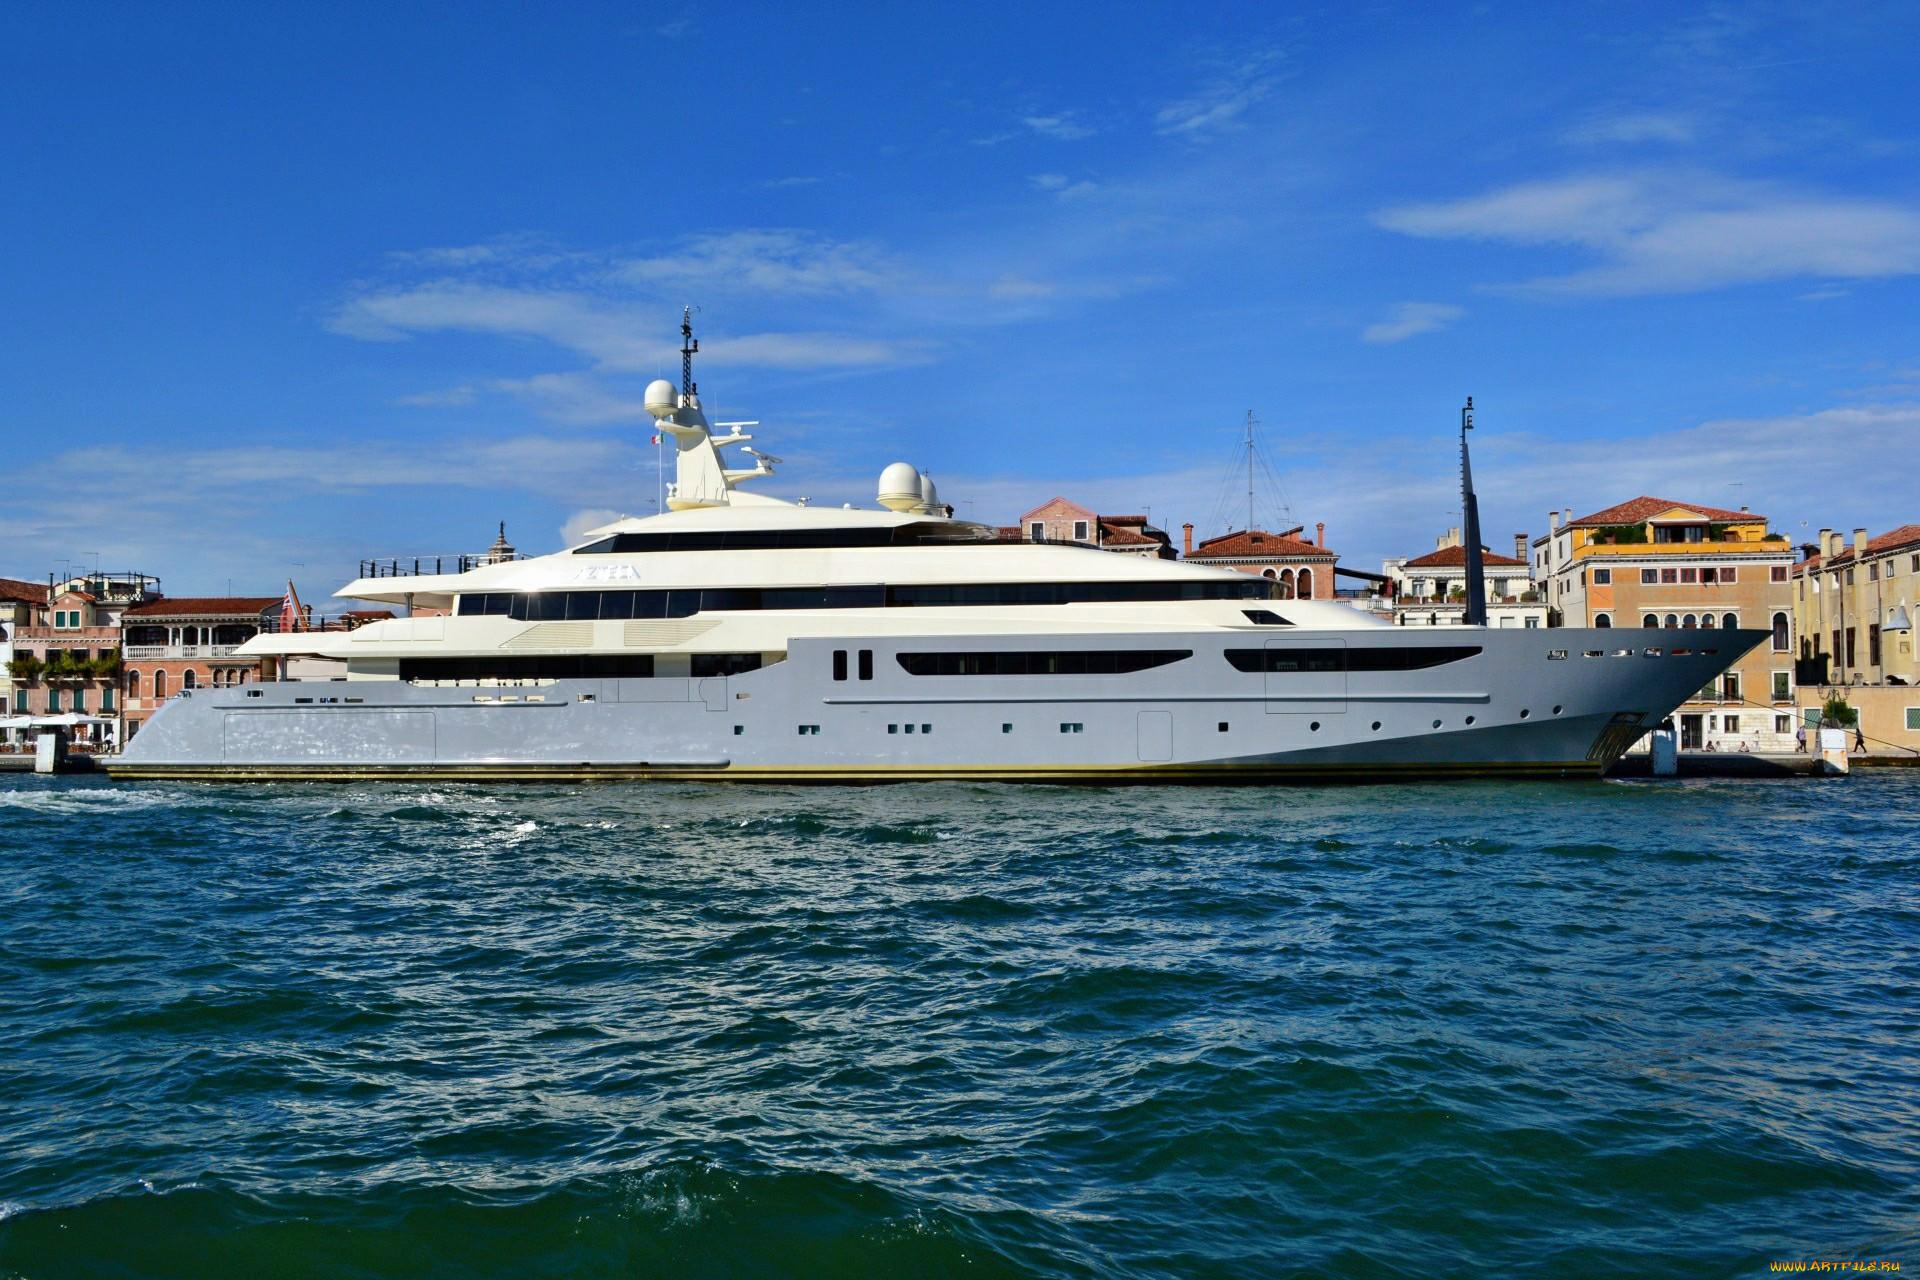 фото венеции с яхтами